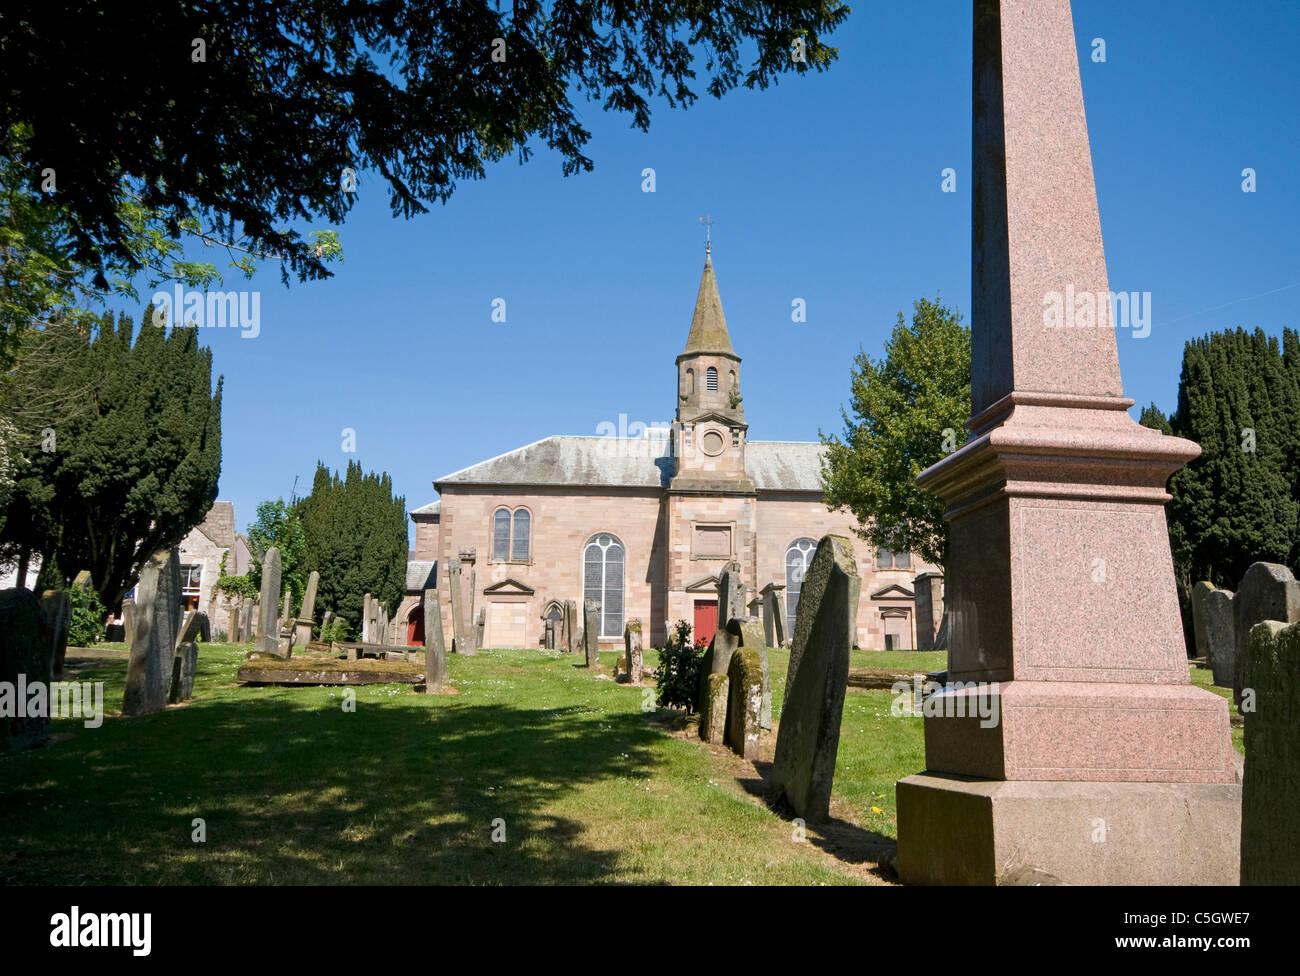 Duns Chapel and graveyard - Stock Image